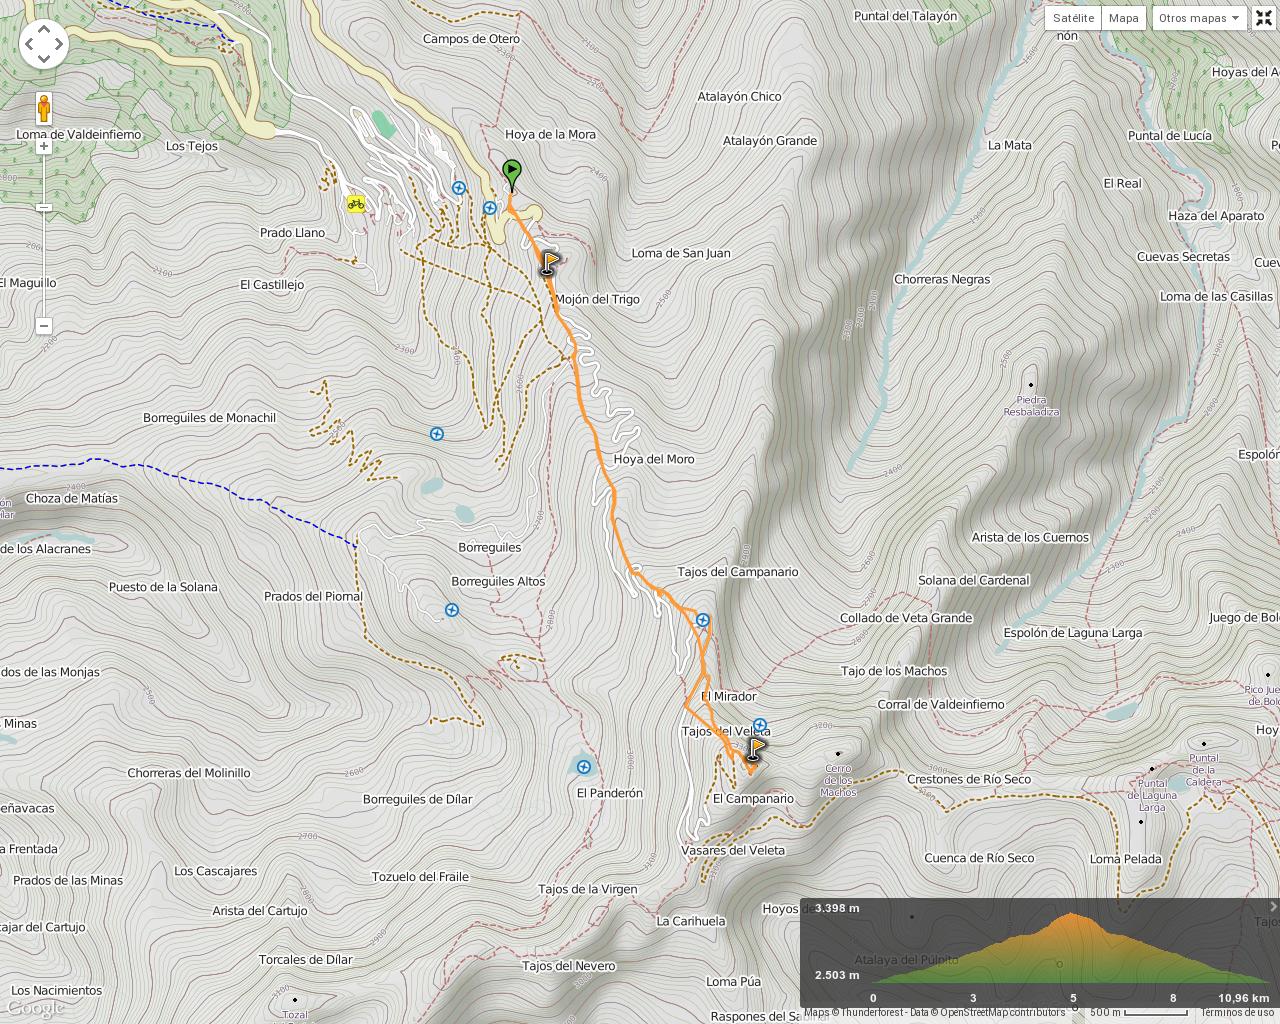 Ruta Hoya de la Mora al Pico Veleta: Mapa